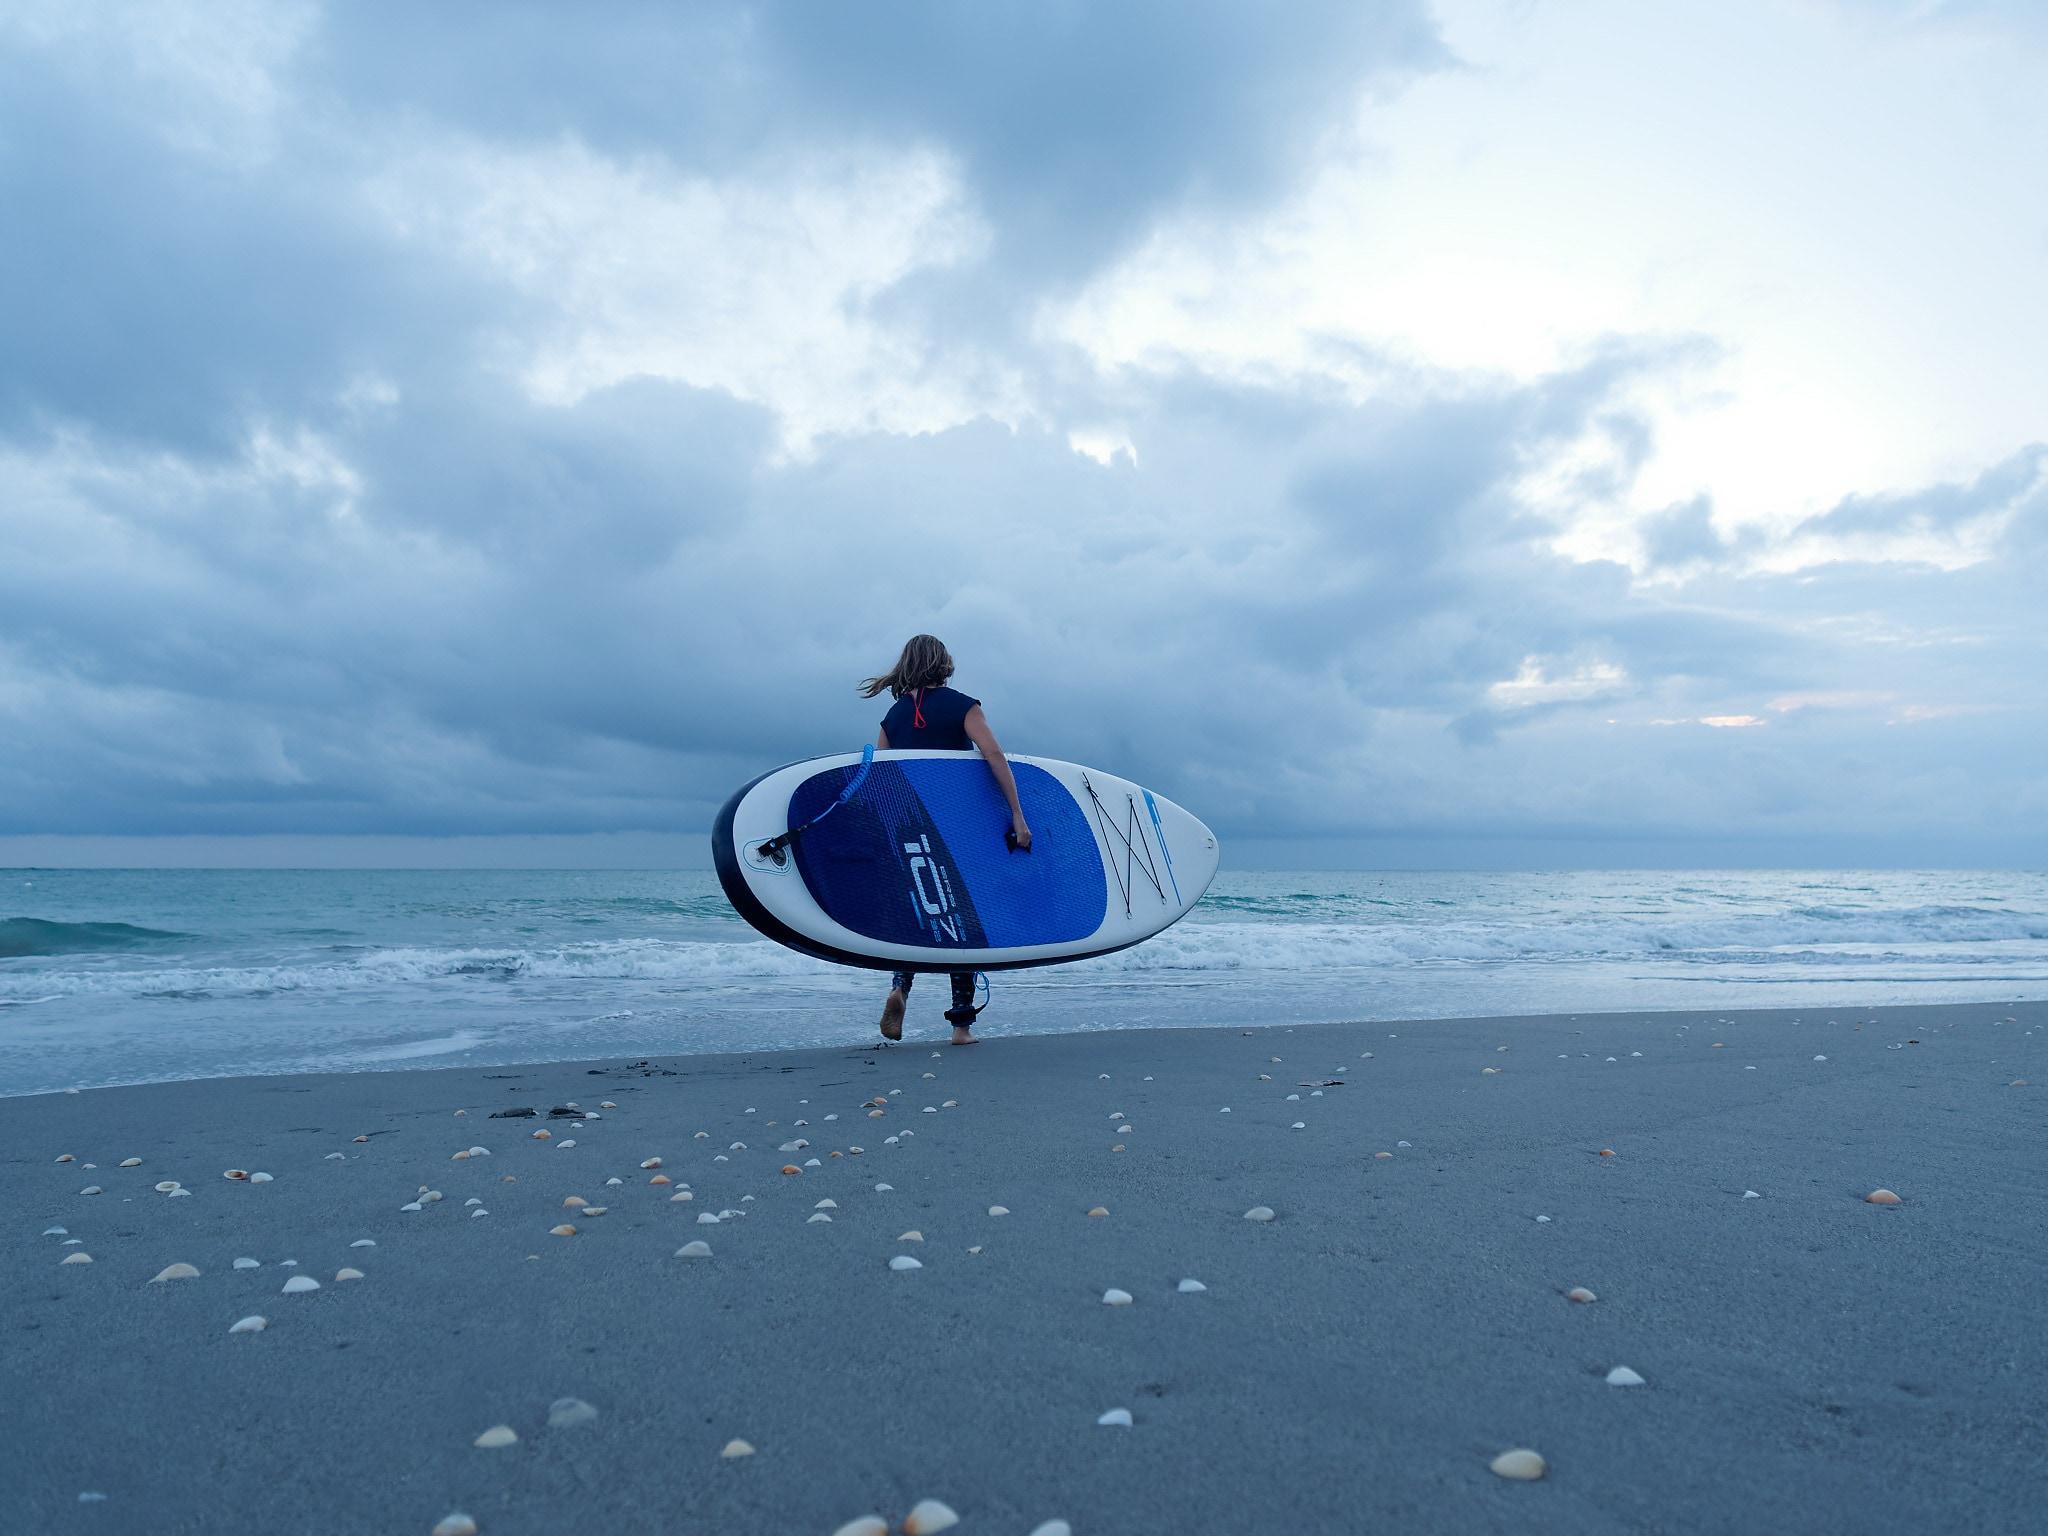 Ocean paddler near shoreline and waves